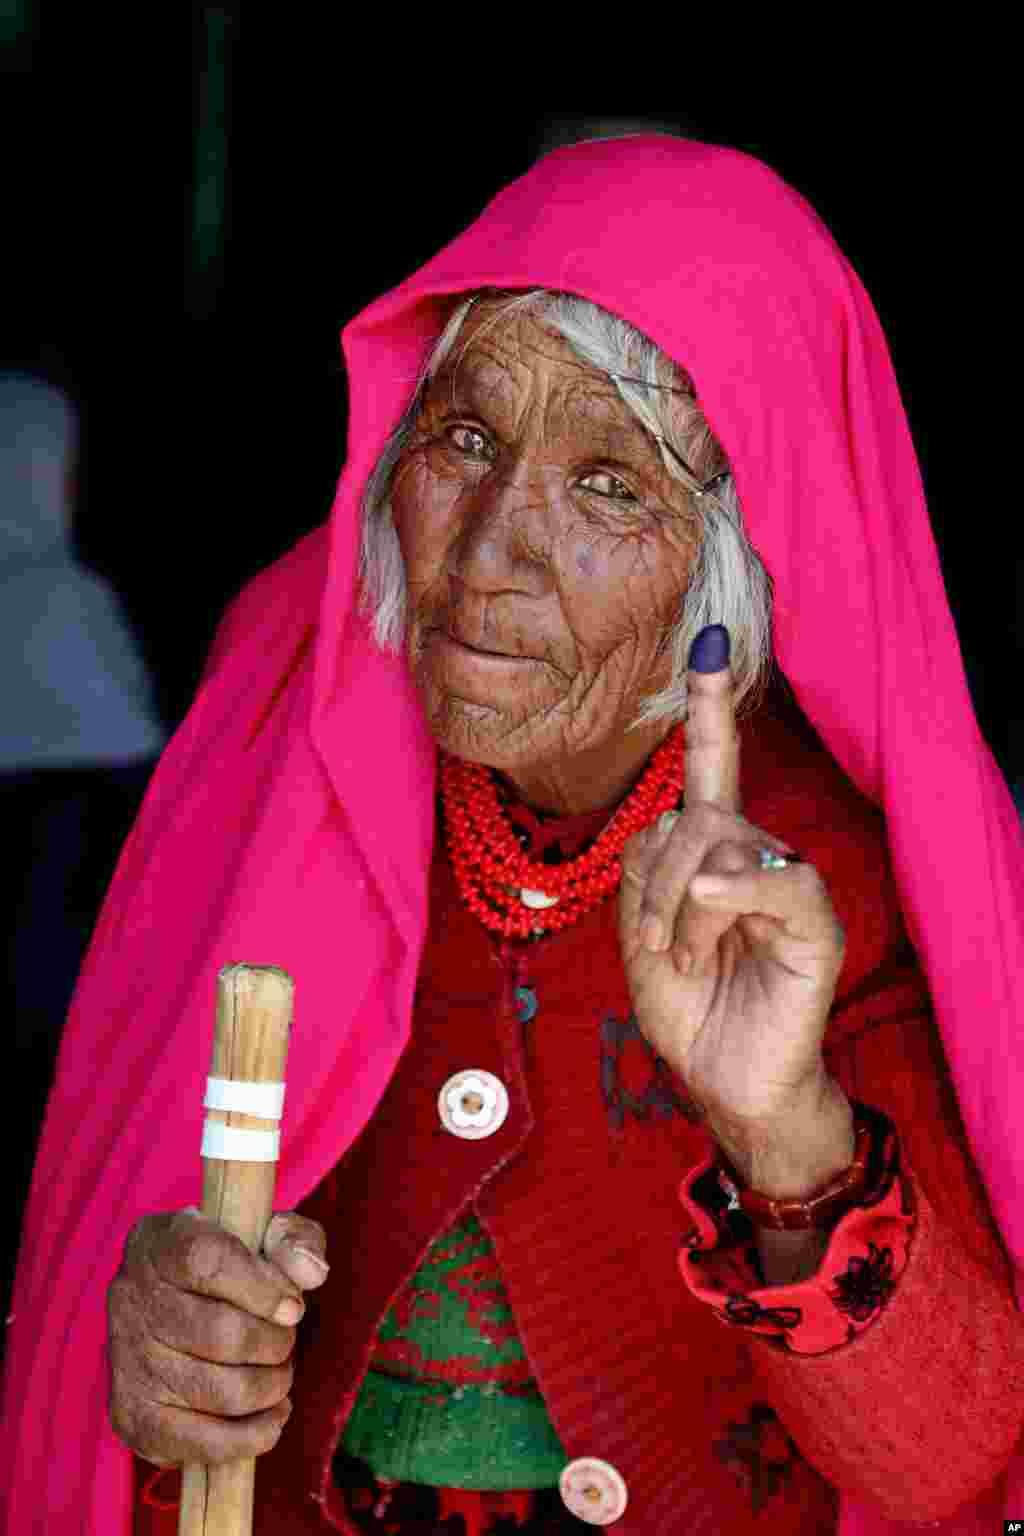 یک زن سالخورده در دور دوم انتخابات ریاست جمهوری افغانستان شرکت کرده است